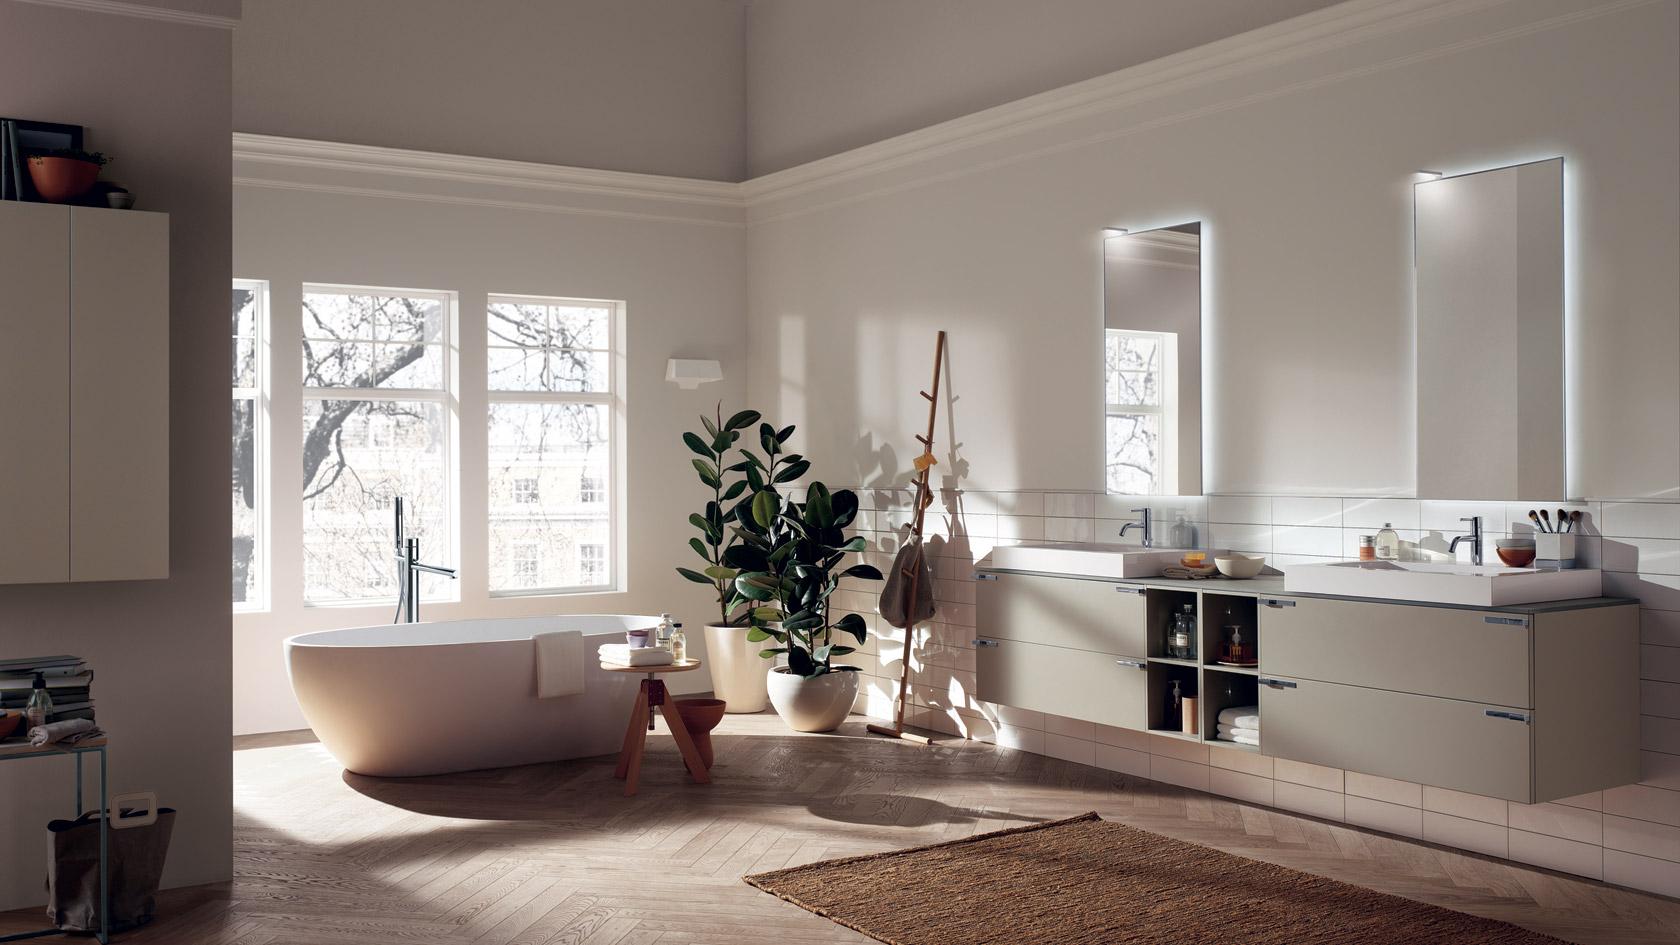 super bonitas fotos de baños en tendencia, baños pequeños con ducha y cuartos de baño grandes con bañera, imagenes de baños 2019